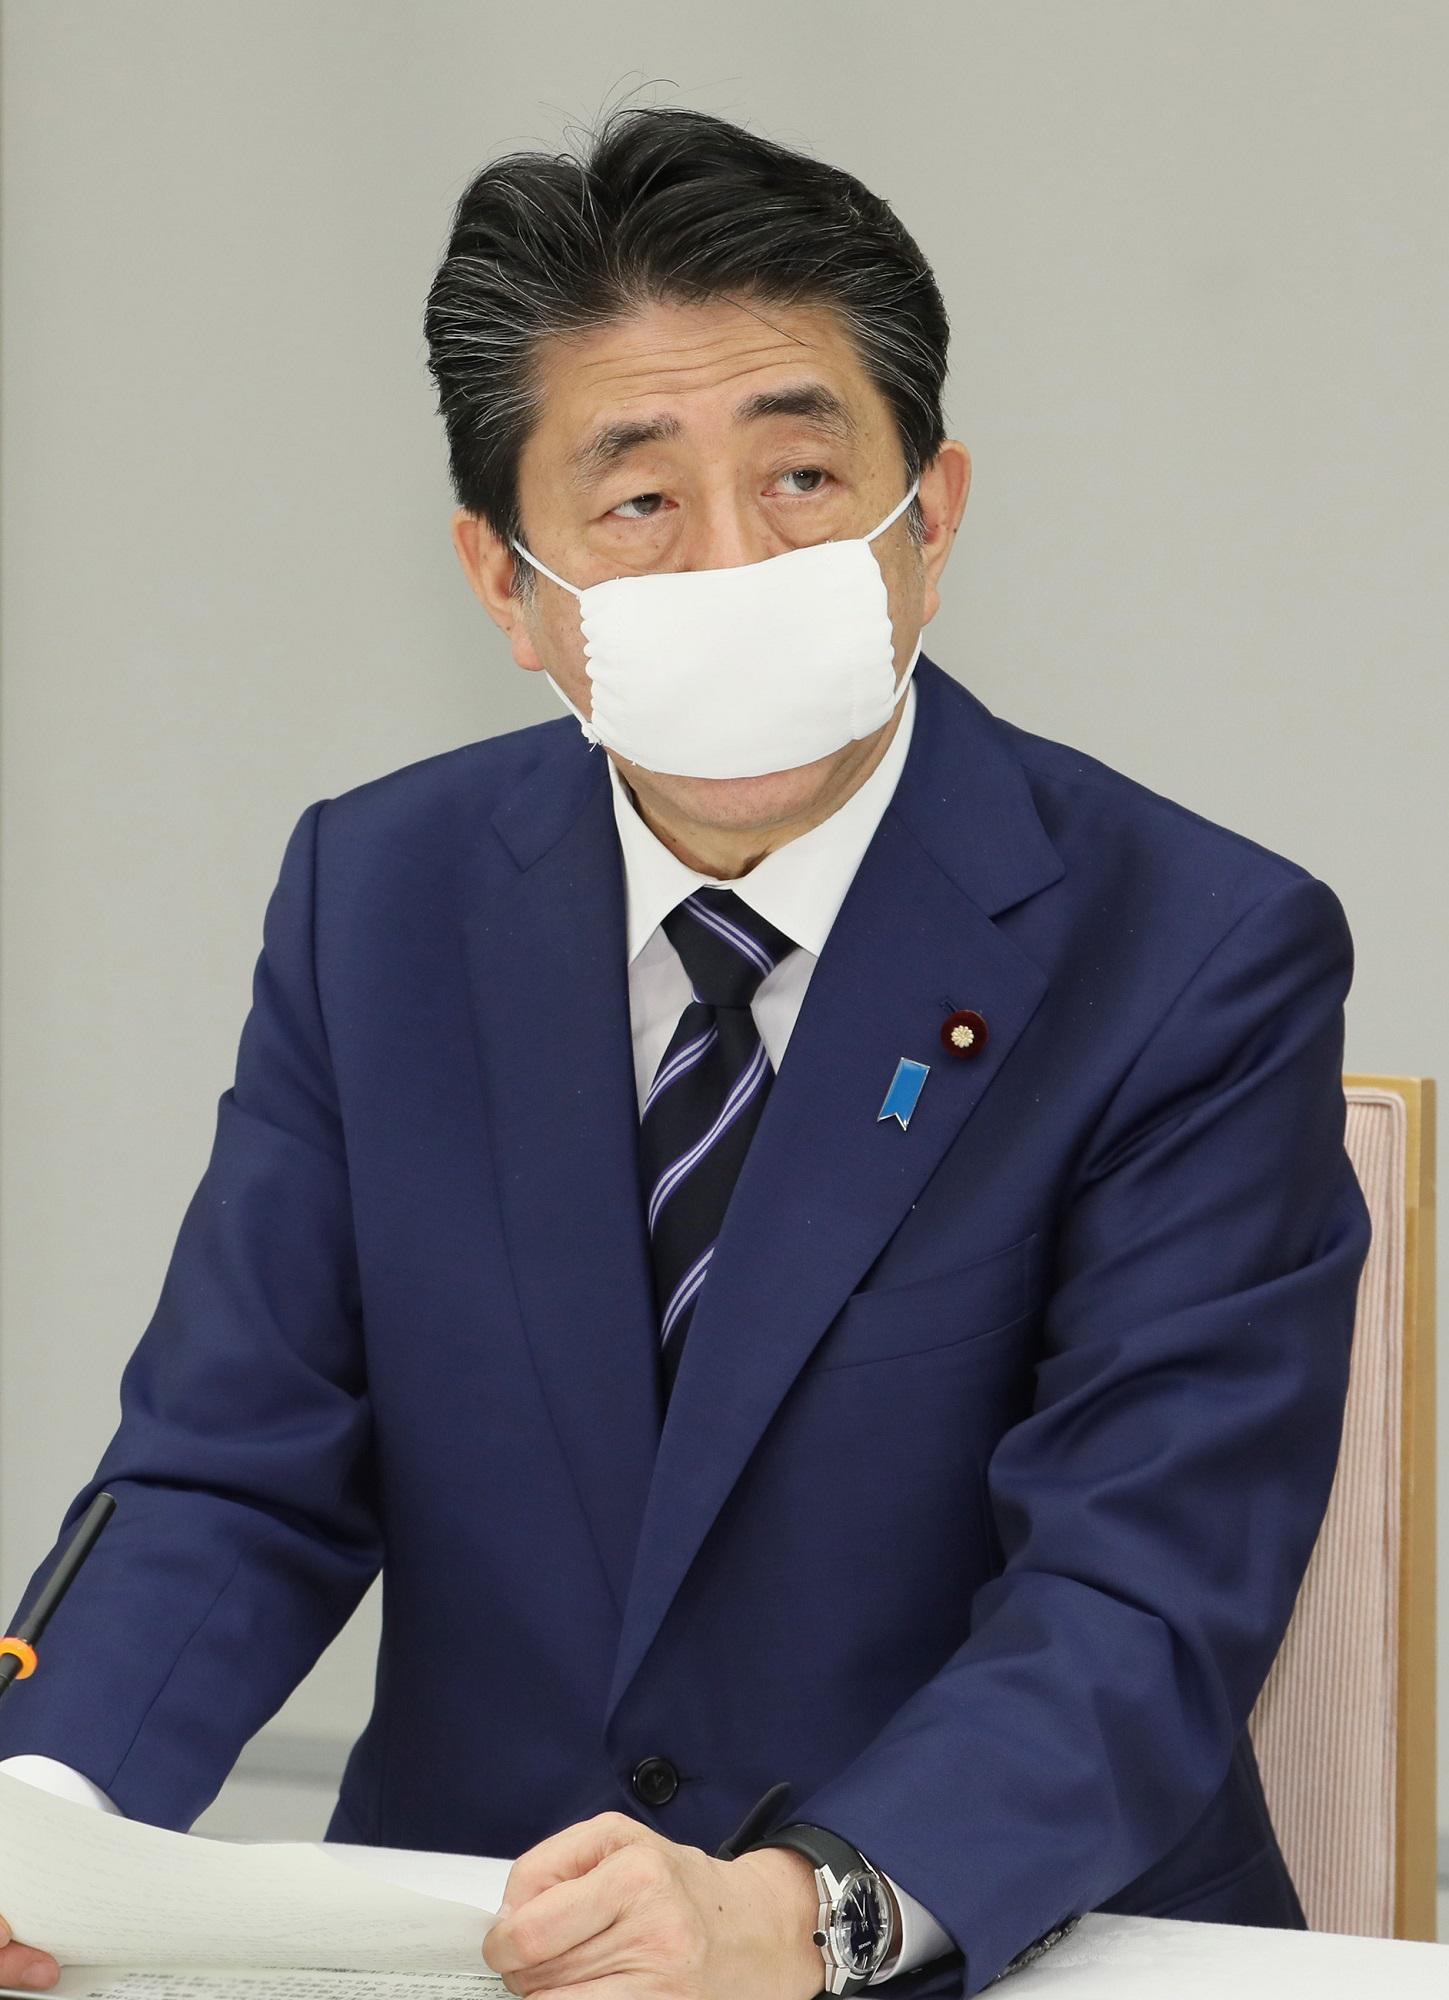 マスク 品薄 いつ 解消